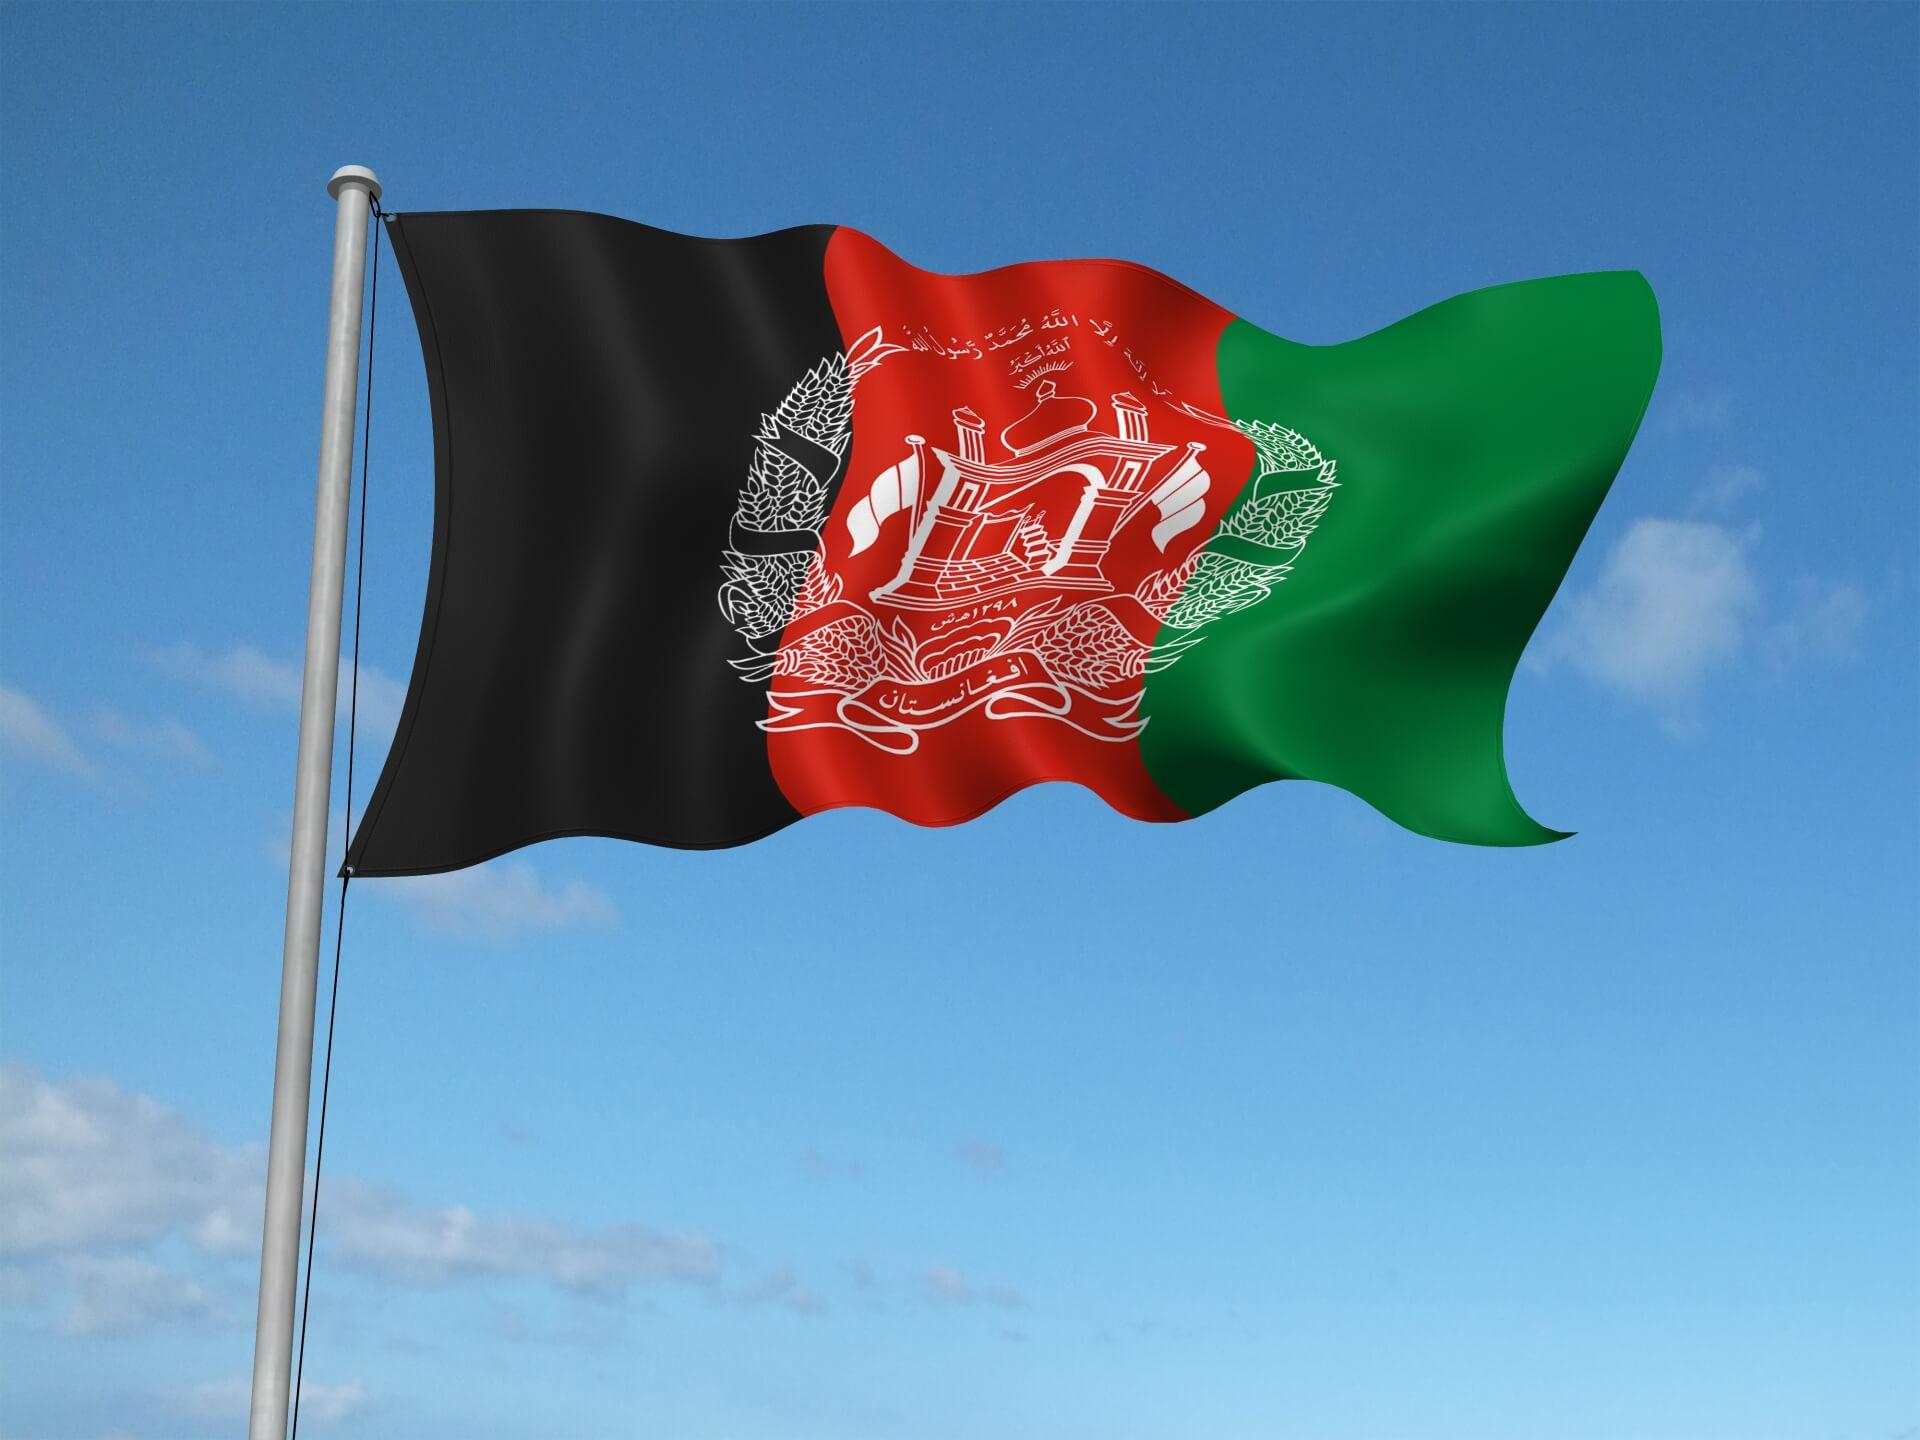 アフガニスタン・タリバン政権を巡る米露それぞれの思惑とは?佐藤優氏が解説~10月15日「くにまるジャパン極」